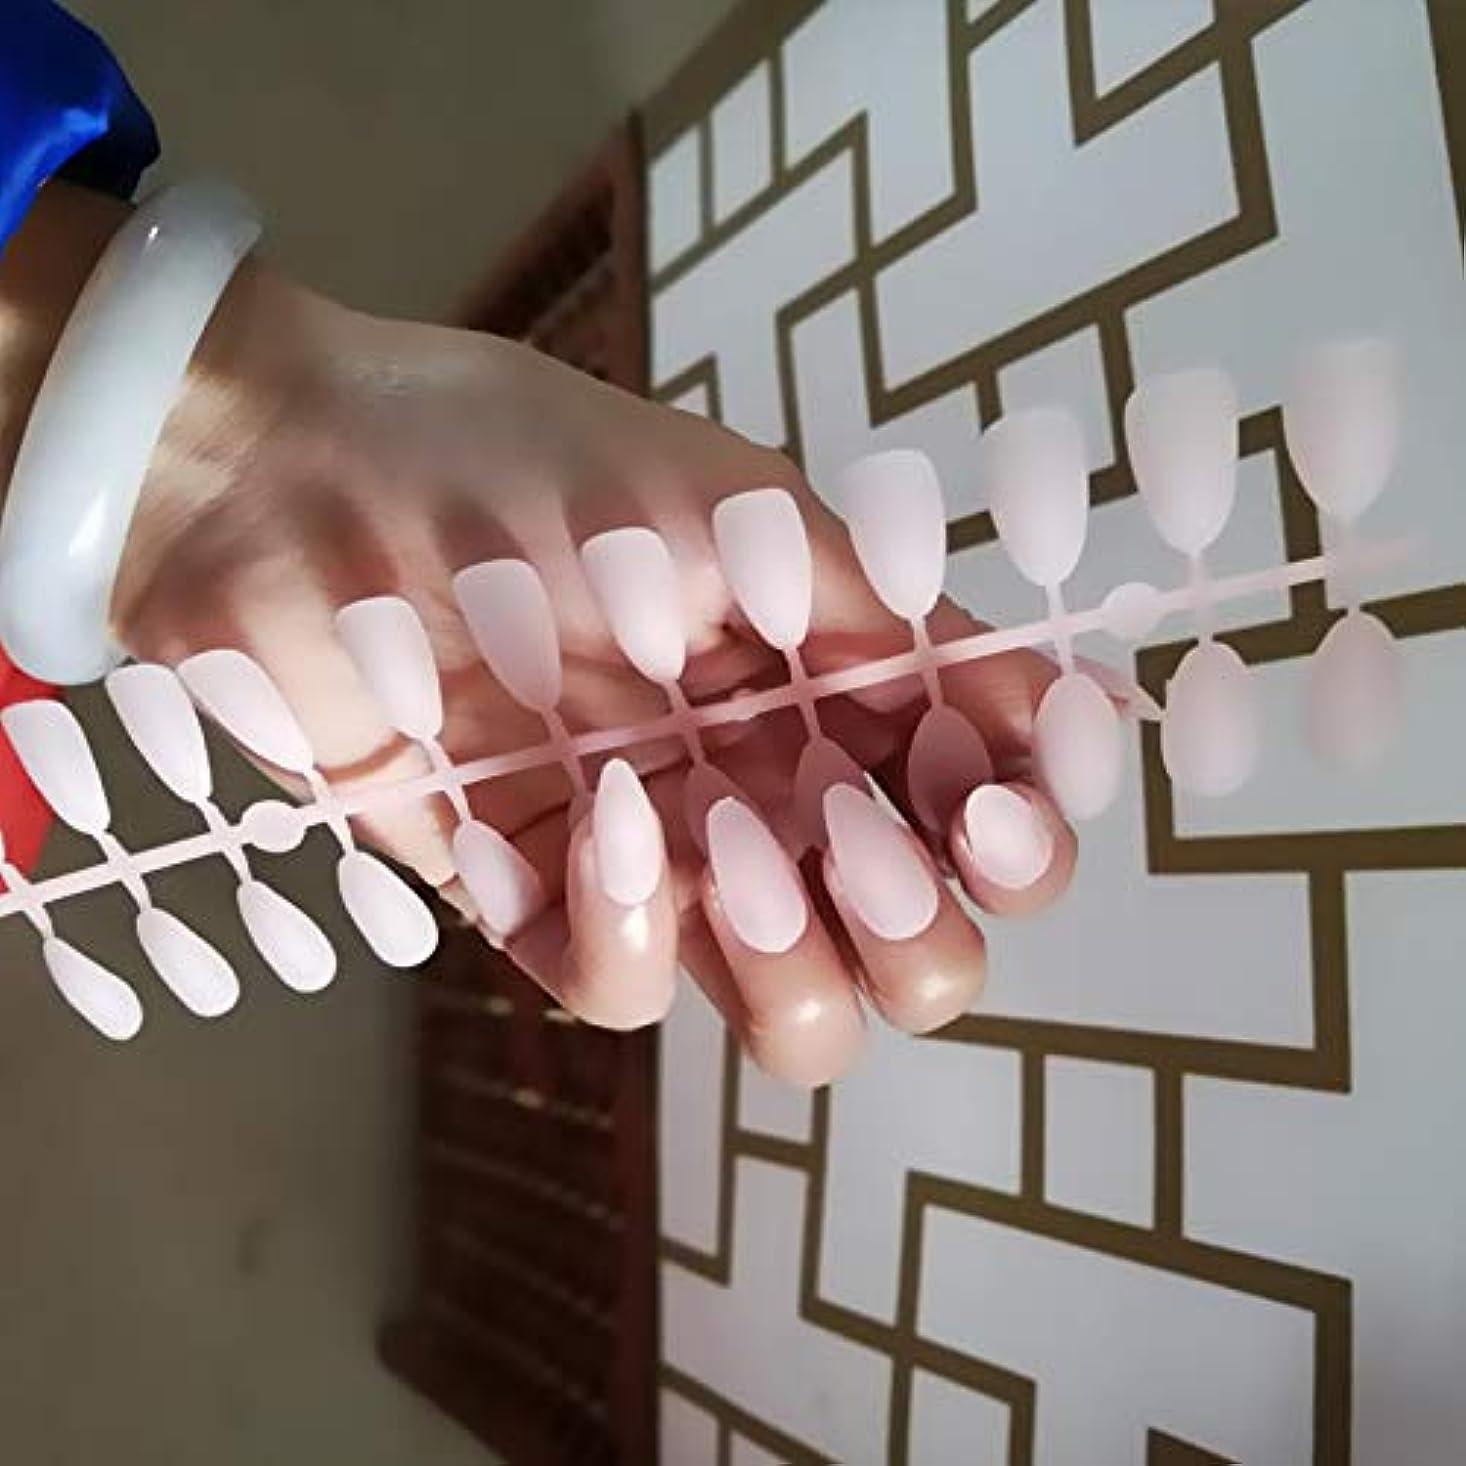 ストッキングシリアルペレグリネーションXUTXZKA のり付きロングネイルロングサイズソリッドカラーネイルプレスネイルチップヒントアクセサリー24個